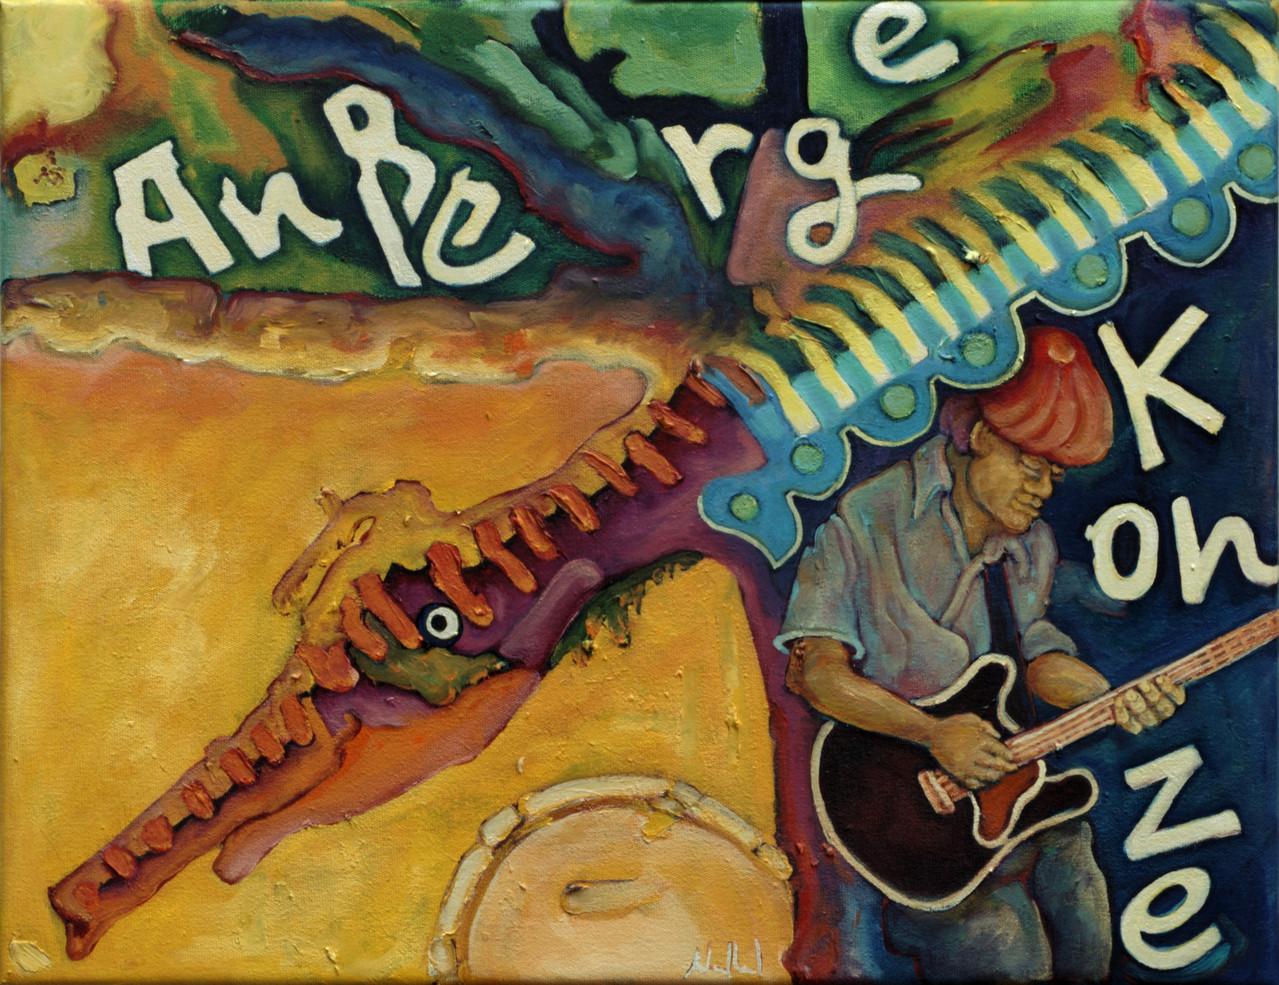 Außergewöhnliches Konzert · 2013, Acryl, Öl auf Nessel, 35 x 45 cm